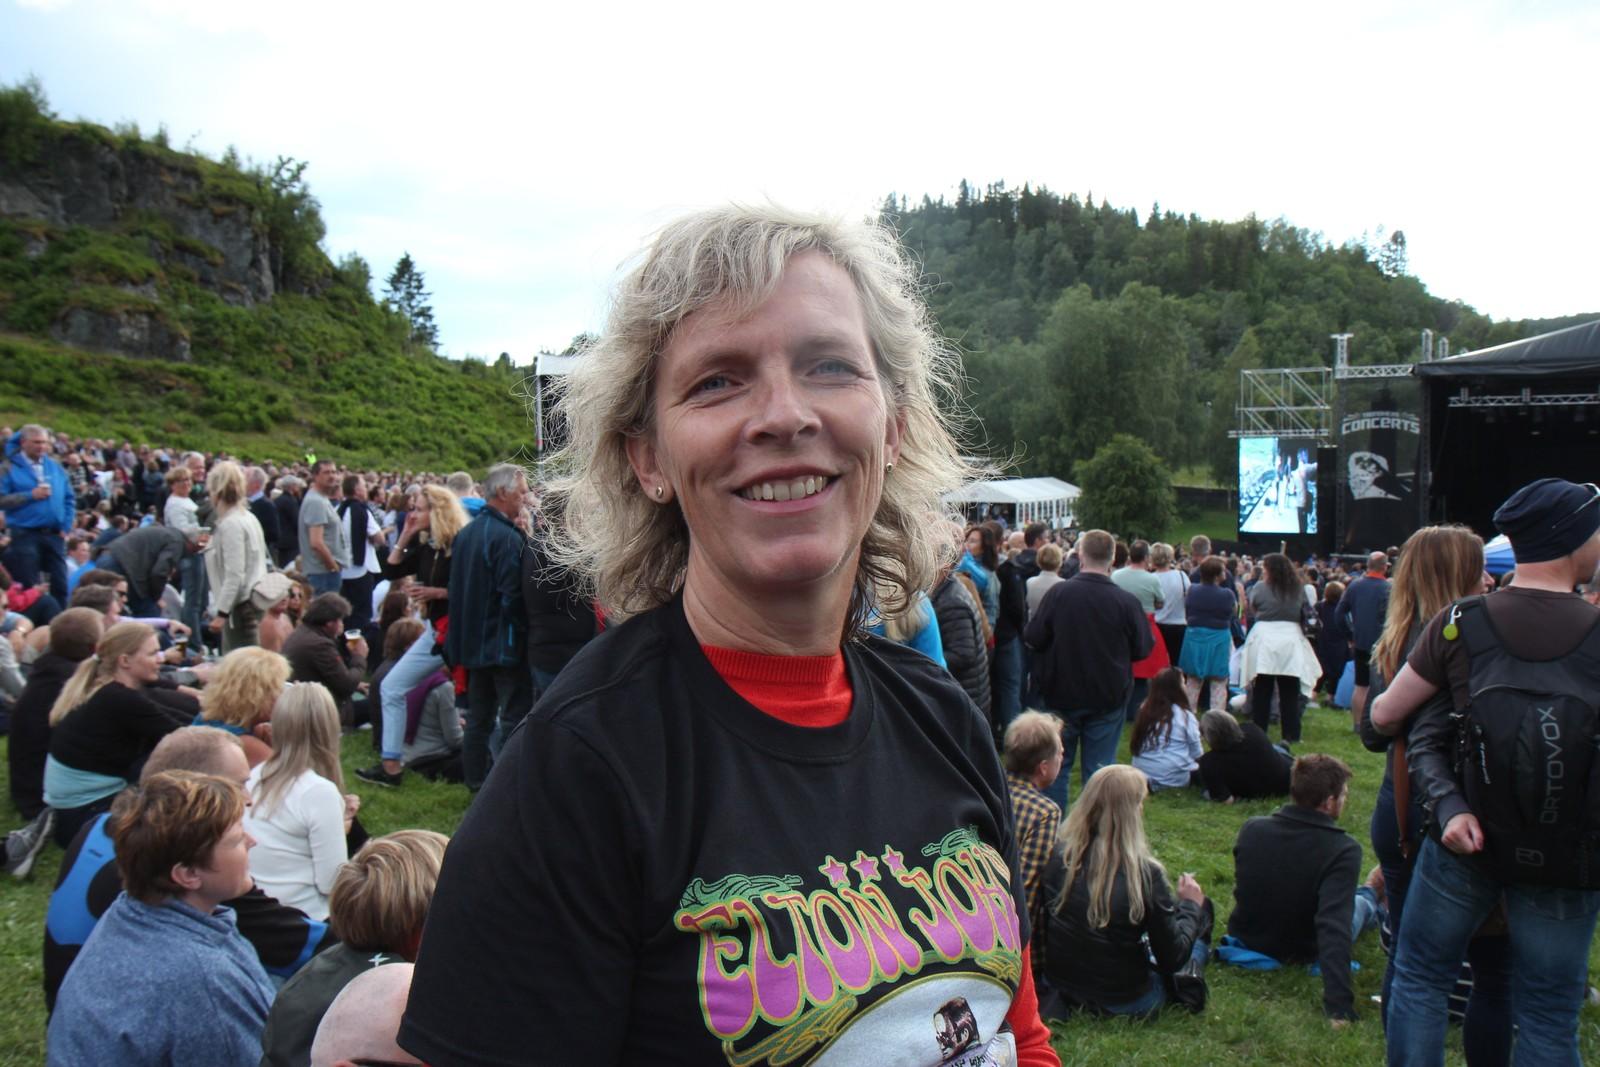 Mange Elton John-fans hadde tatt turen til Sverresborg.